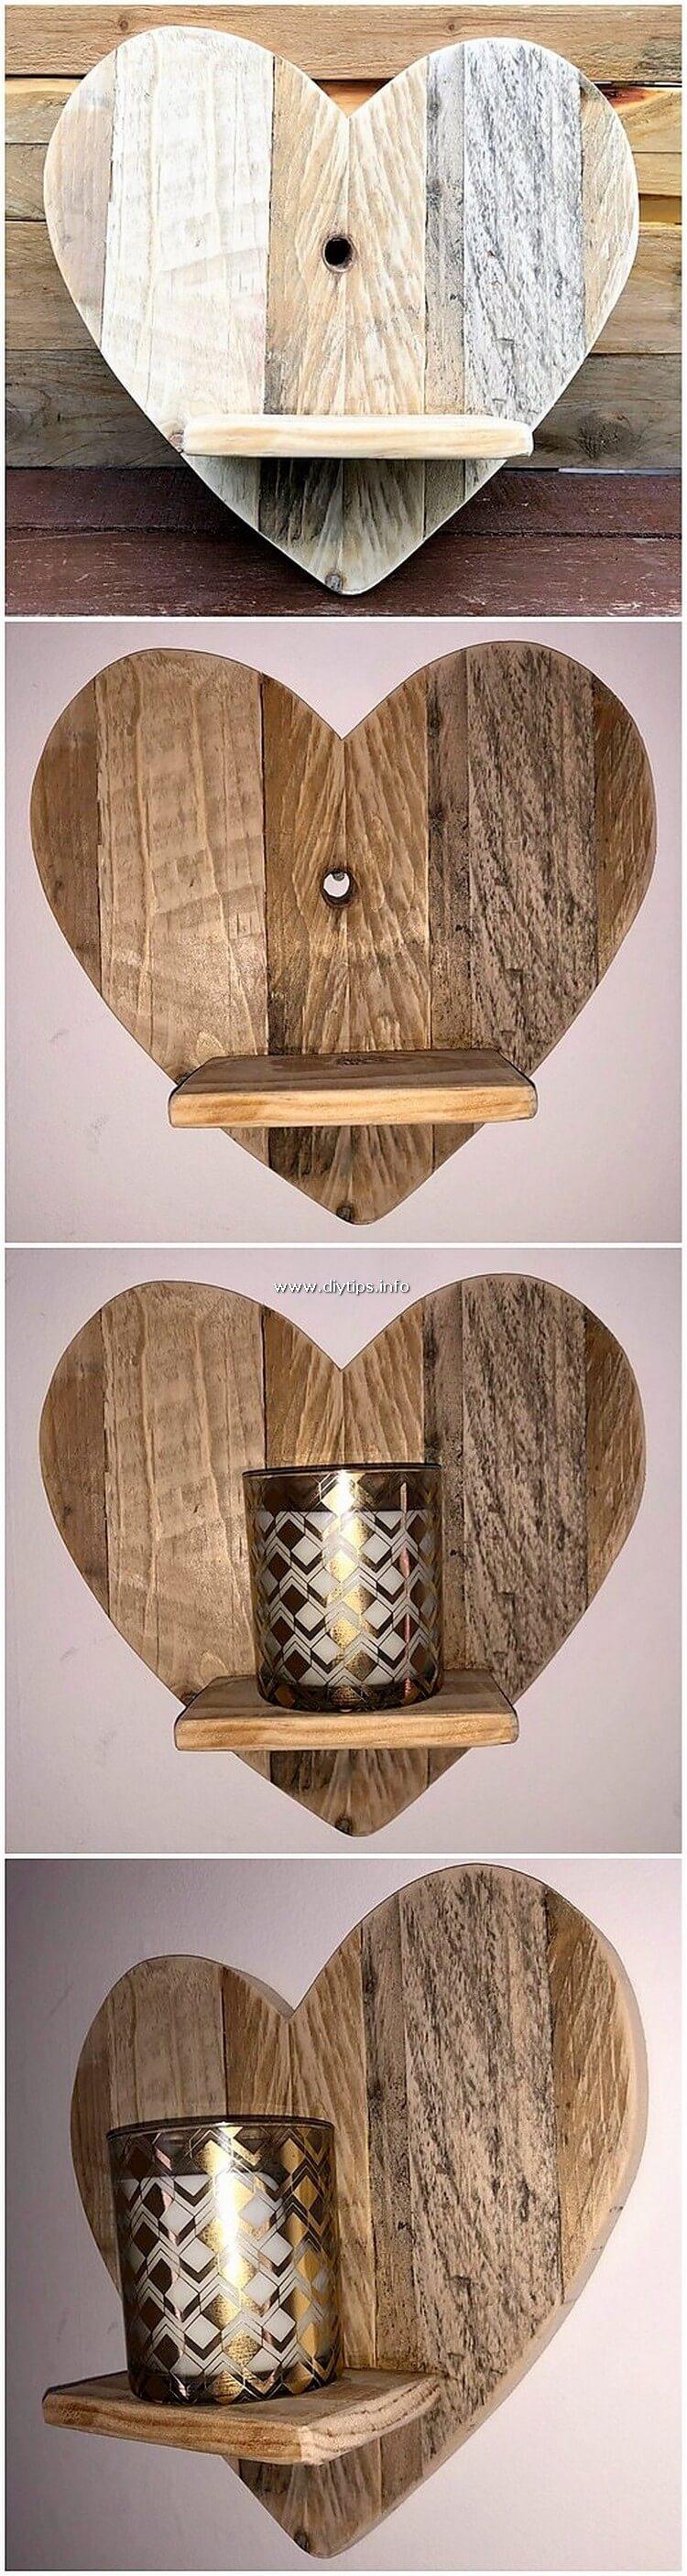 Heart Shape Pallet Wall Shelf